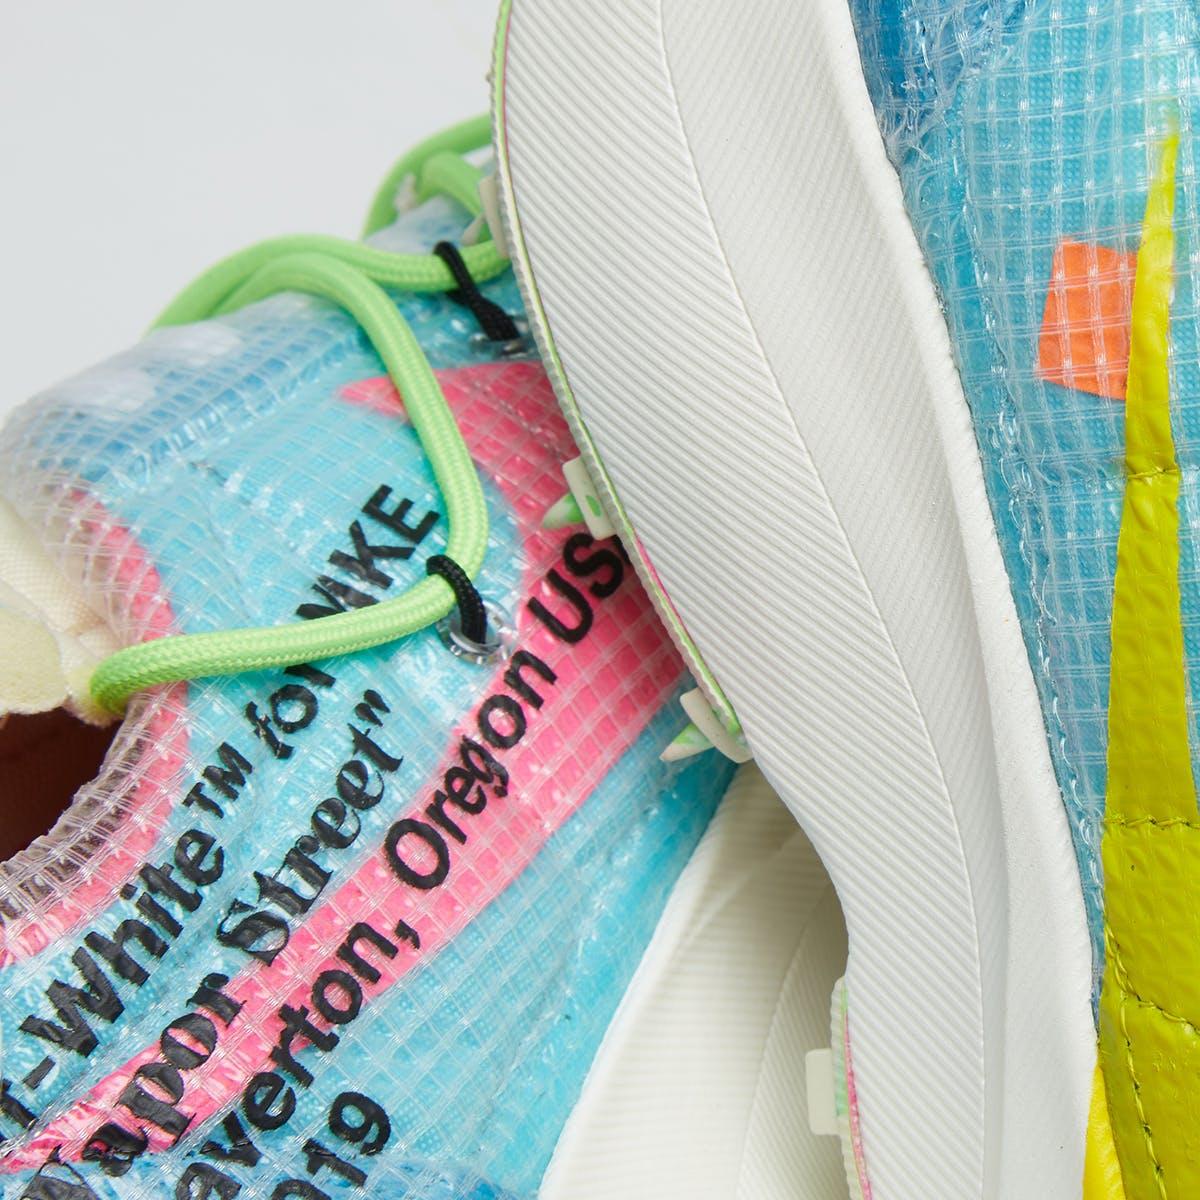 Nike x Off-White Vapor Street - CD8178-400